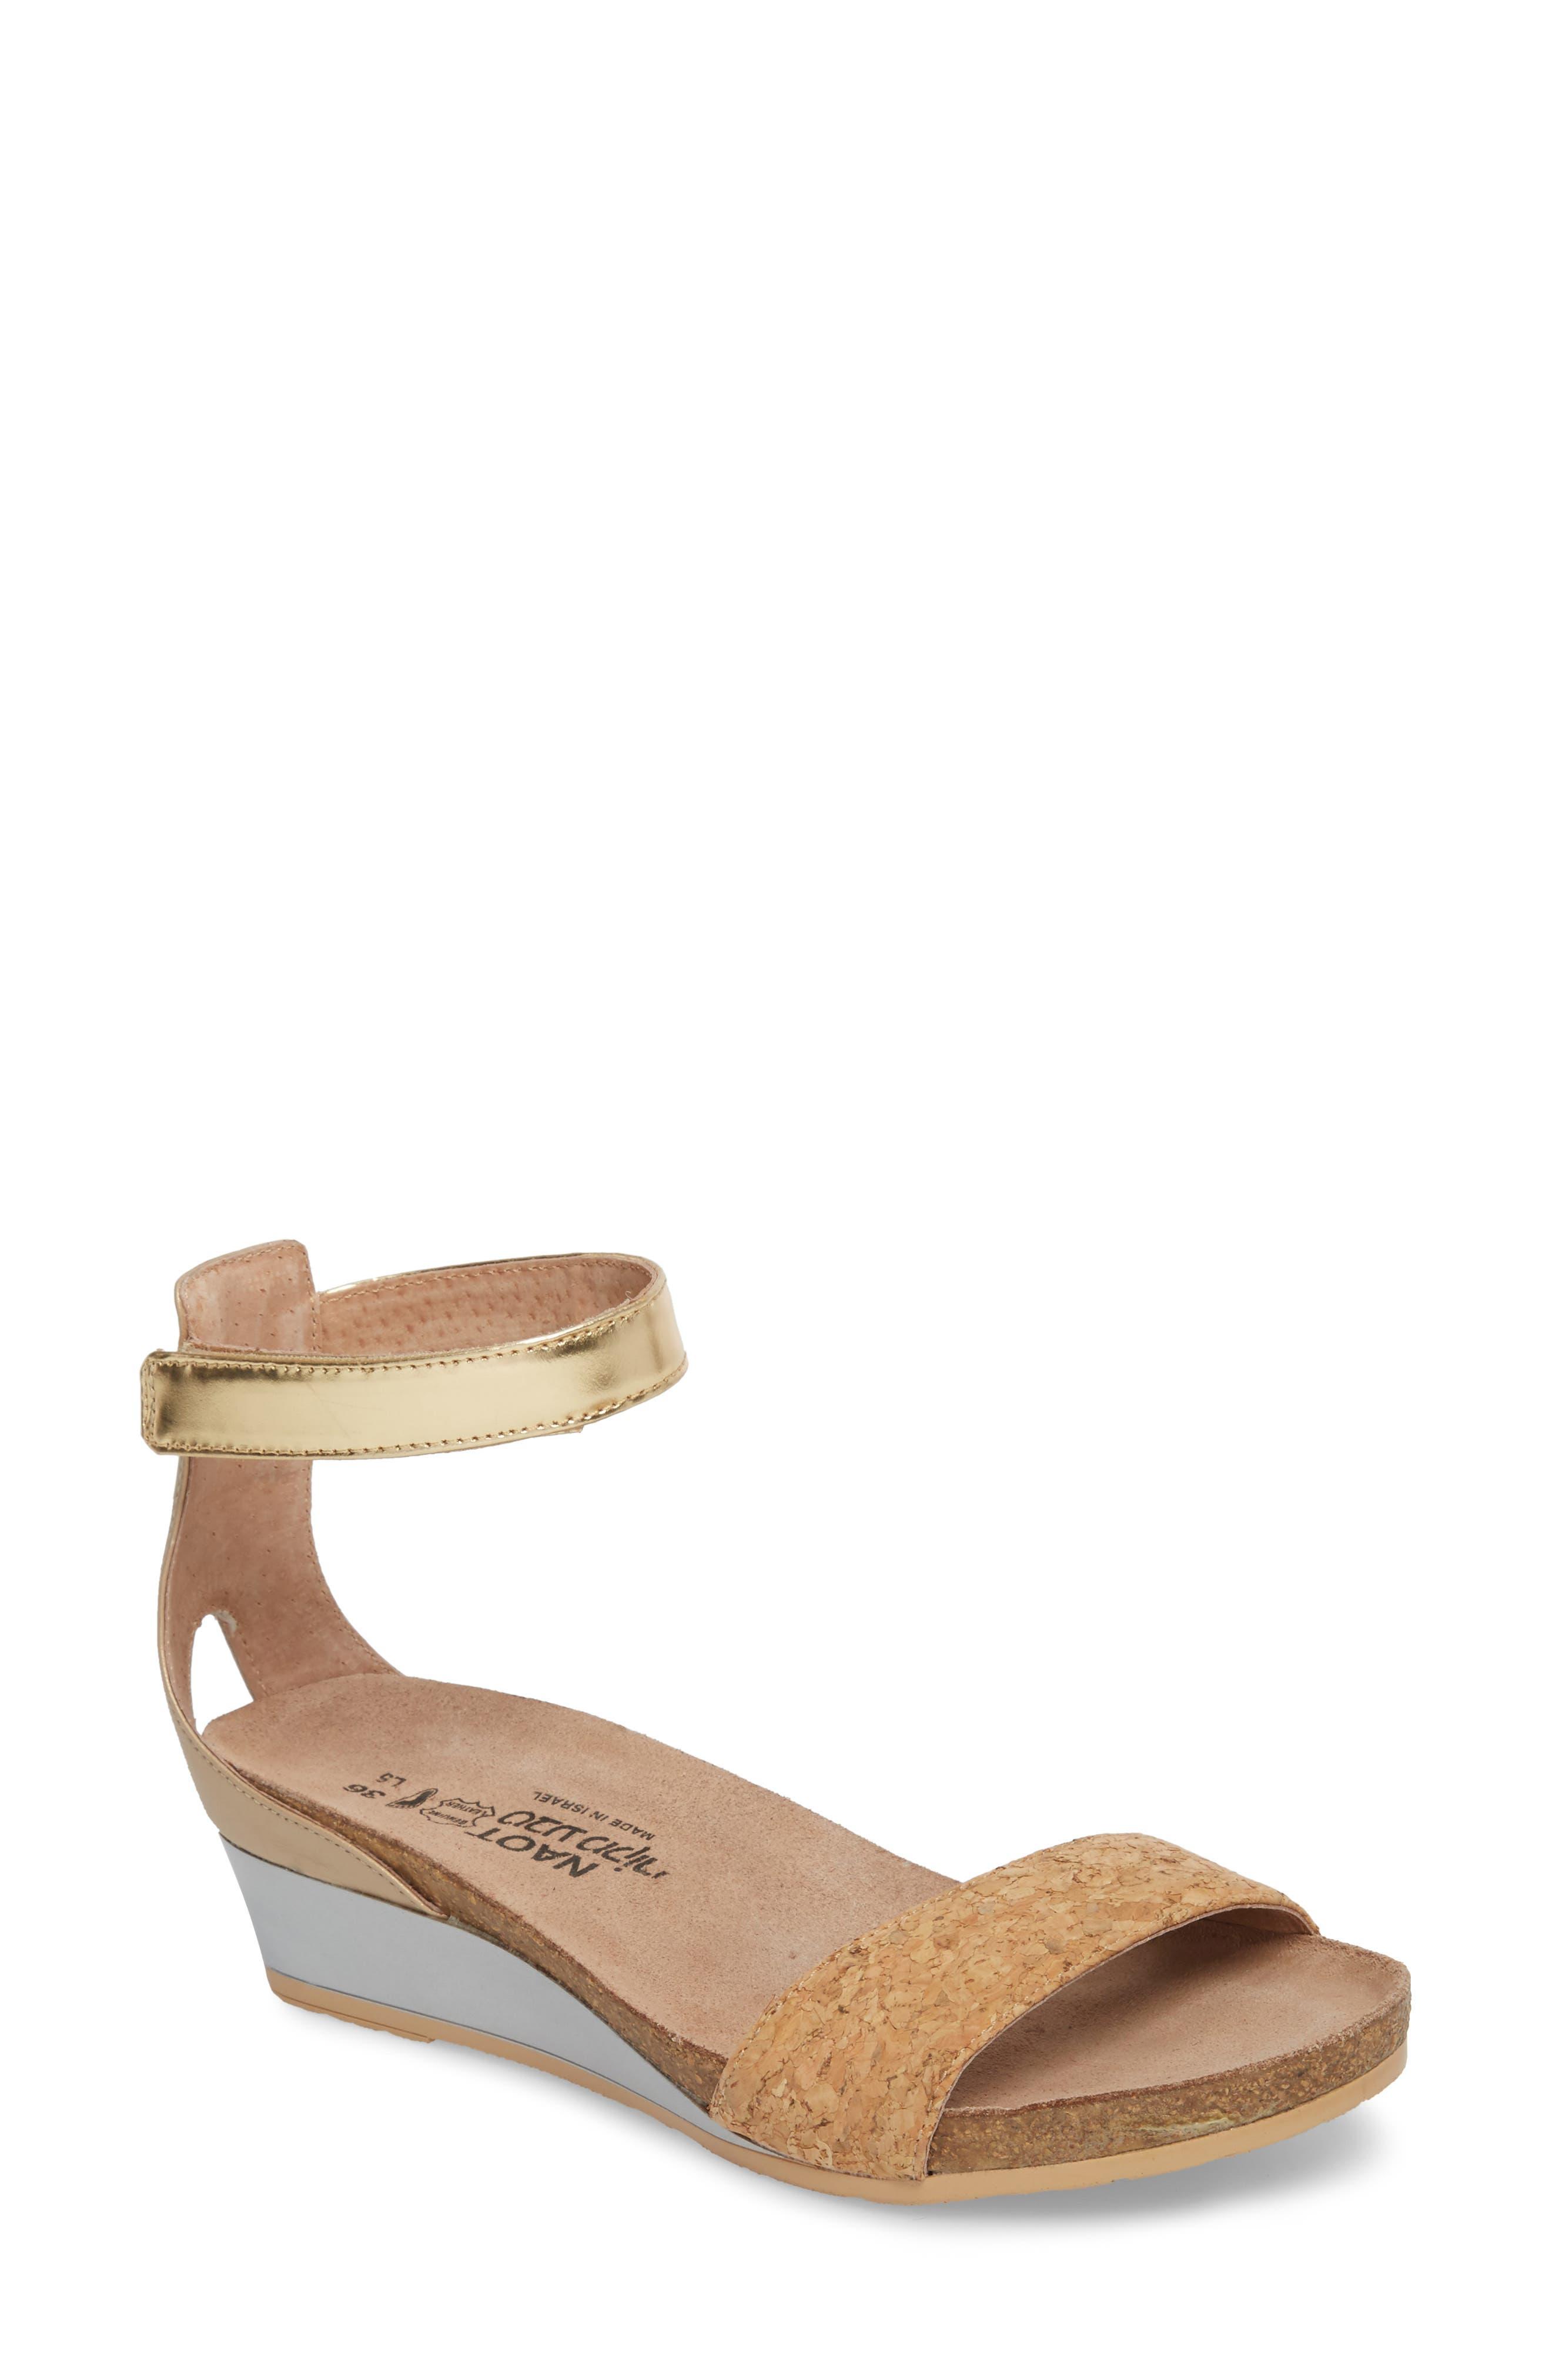 'Pixie' Sandal,                         Main,                         color, Cork Leather